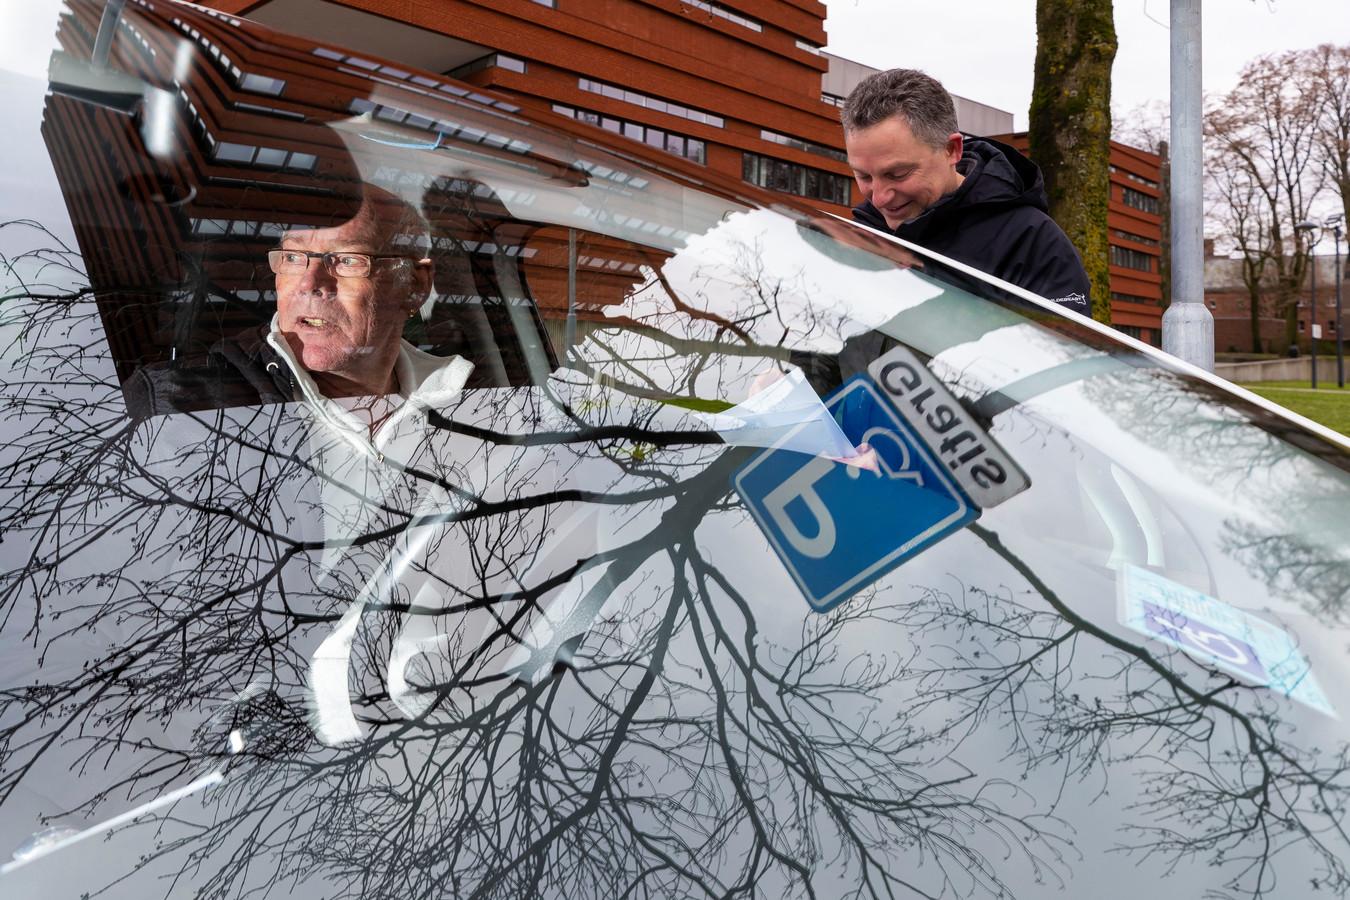 Ton Straver (links) in discussie met John Swaans, verkeersdeskundige van de gemeente Waalwijk. Ton heeft COPD. In Waalwijk Centrum grijpt hij vaak mis op een invalidenparkeerplaats.